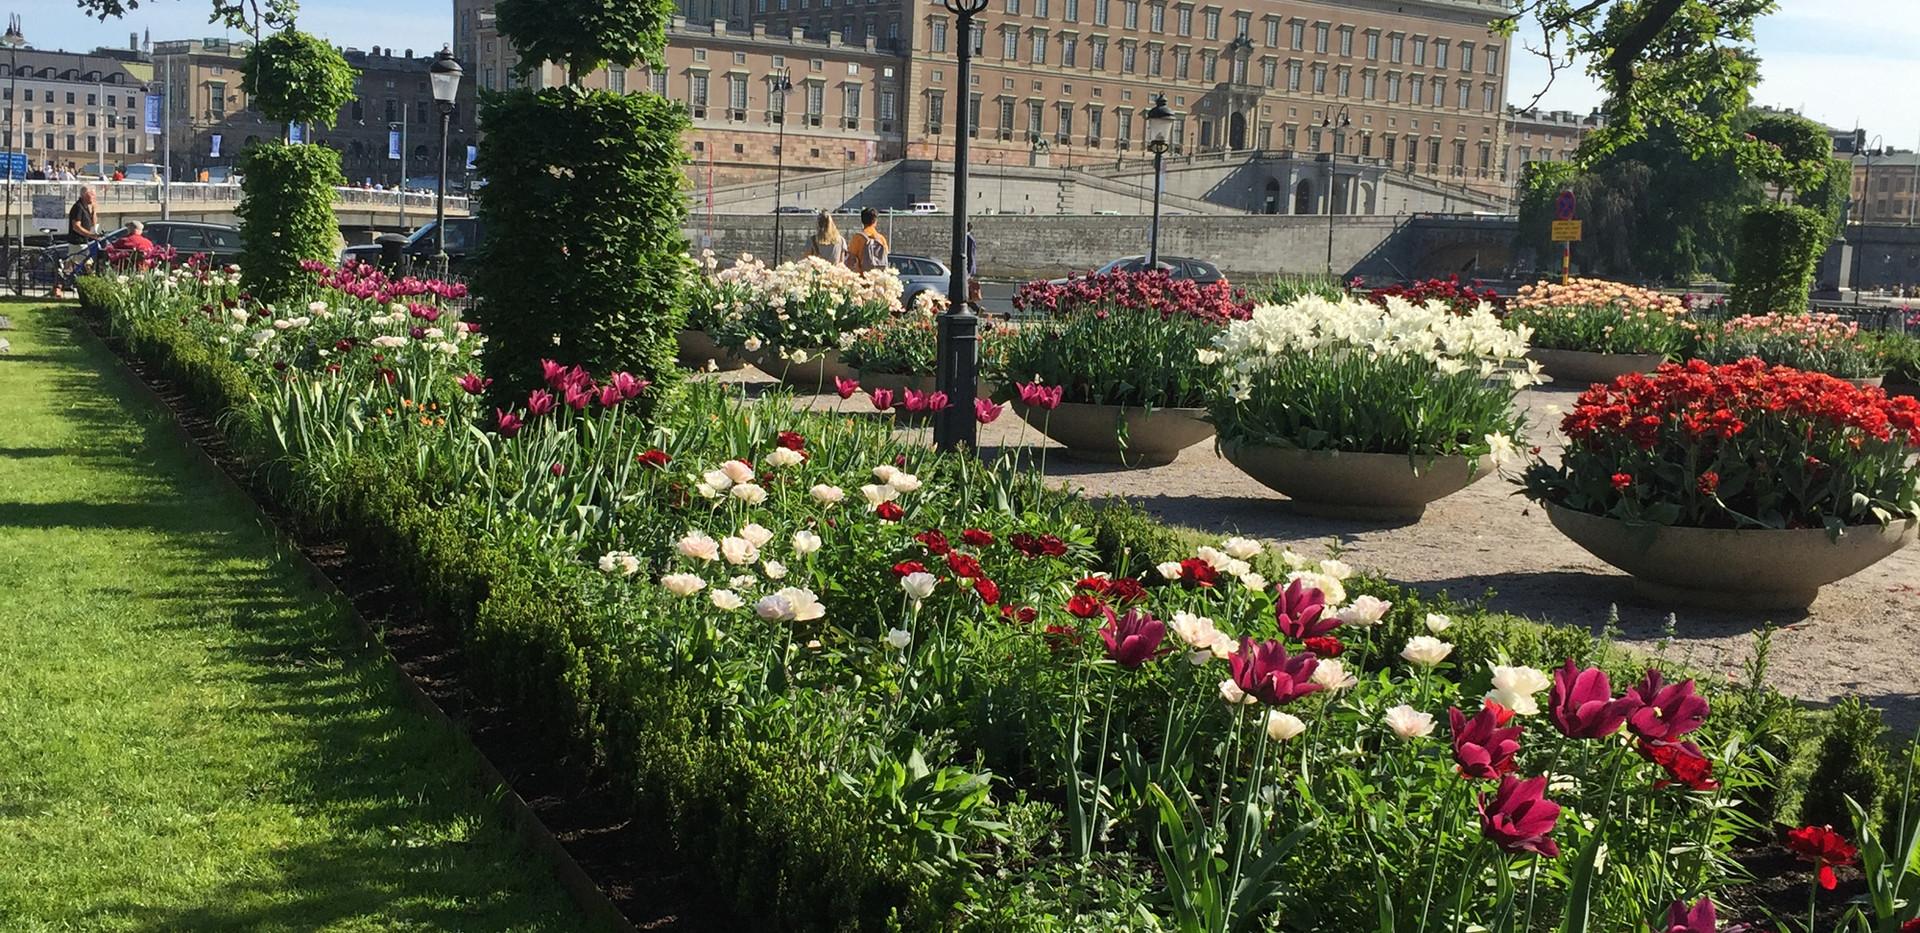 Kopia_av_Kopia_av_Kungsträdgården_plan